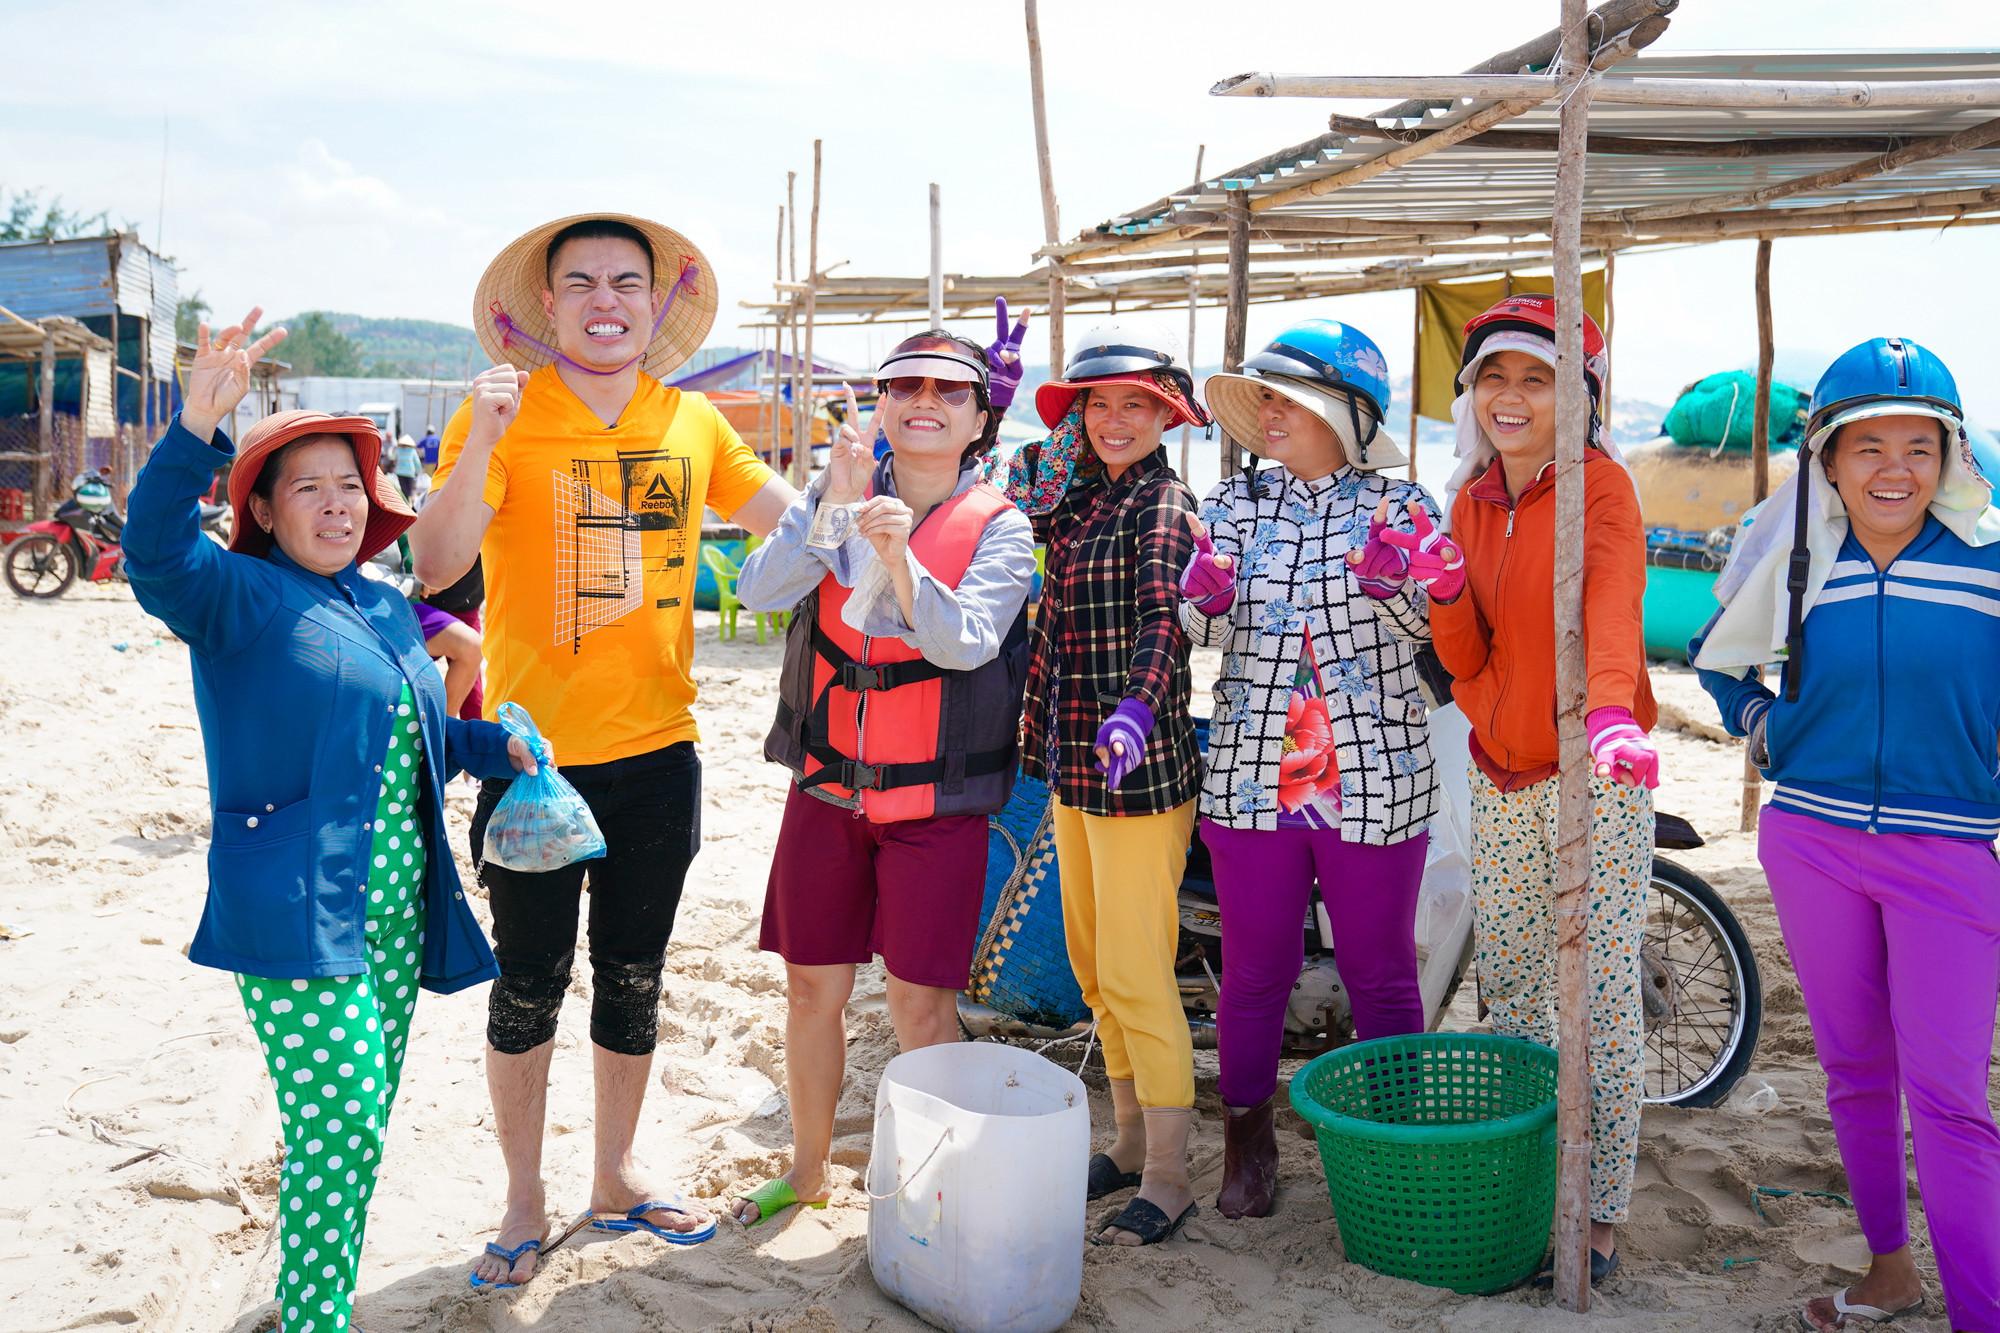 Lâm Vỹ Dạ, Gin Tuấn Kiệt, Dương Lâm, Puka đổi nghề bán hải sản ngoài  chợ cá Mũi Né